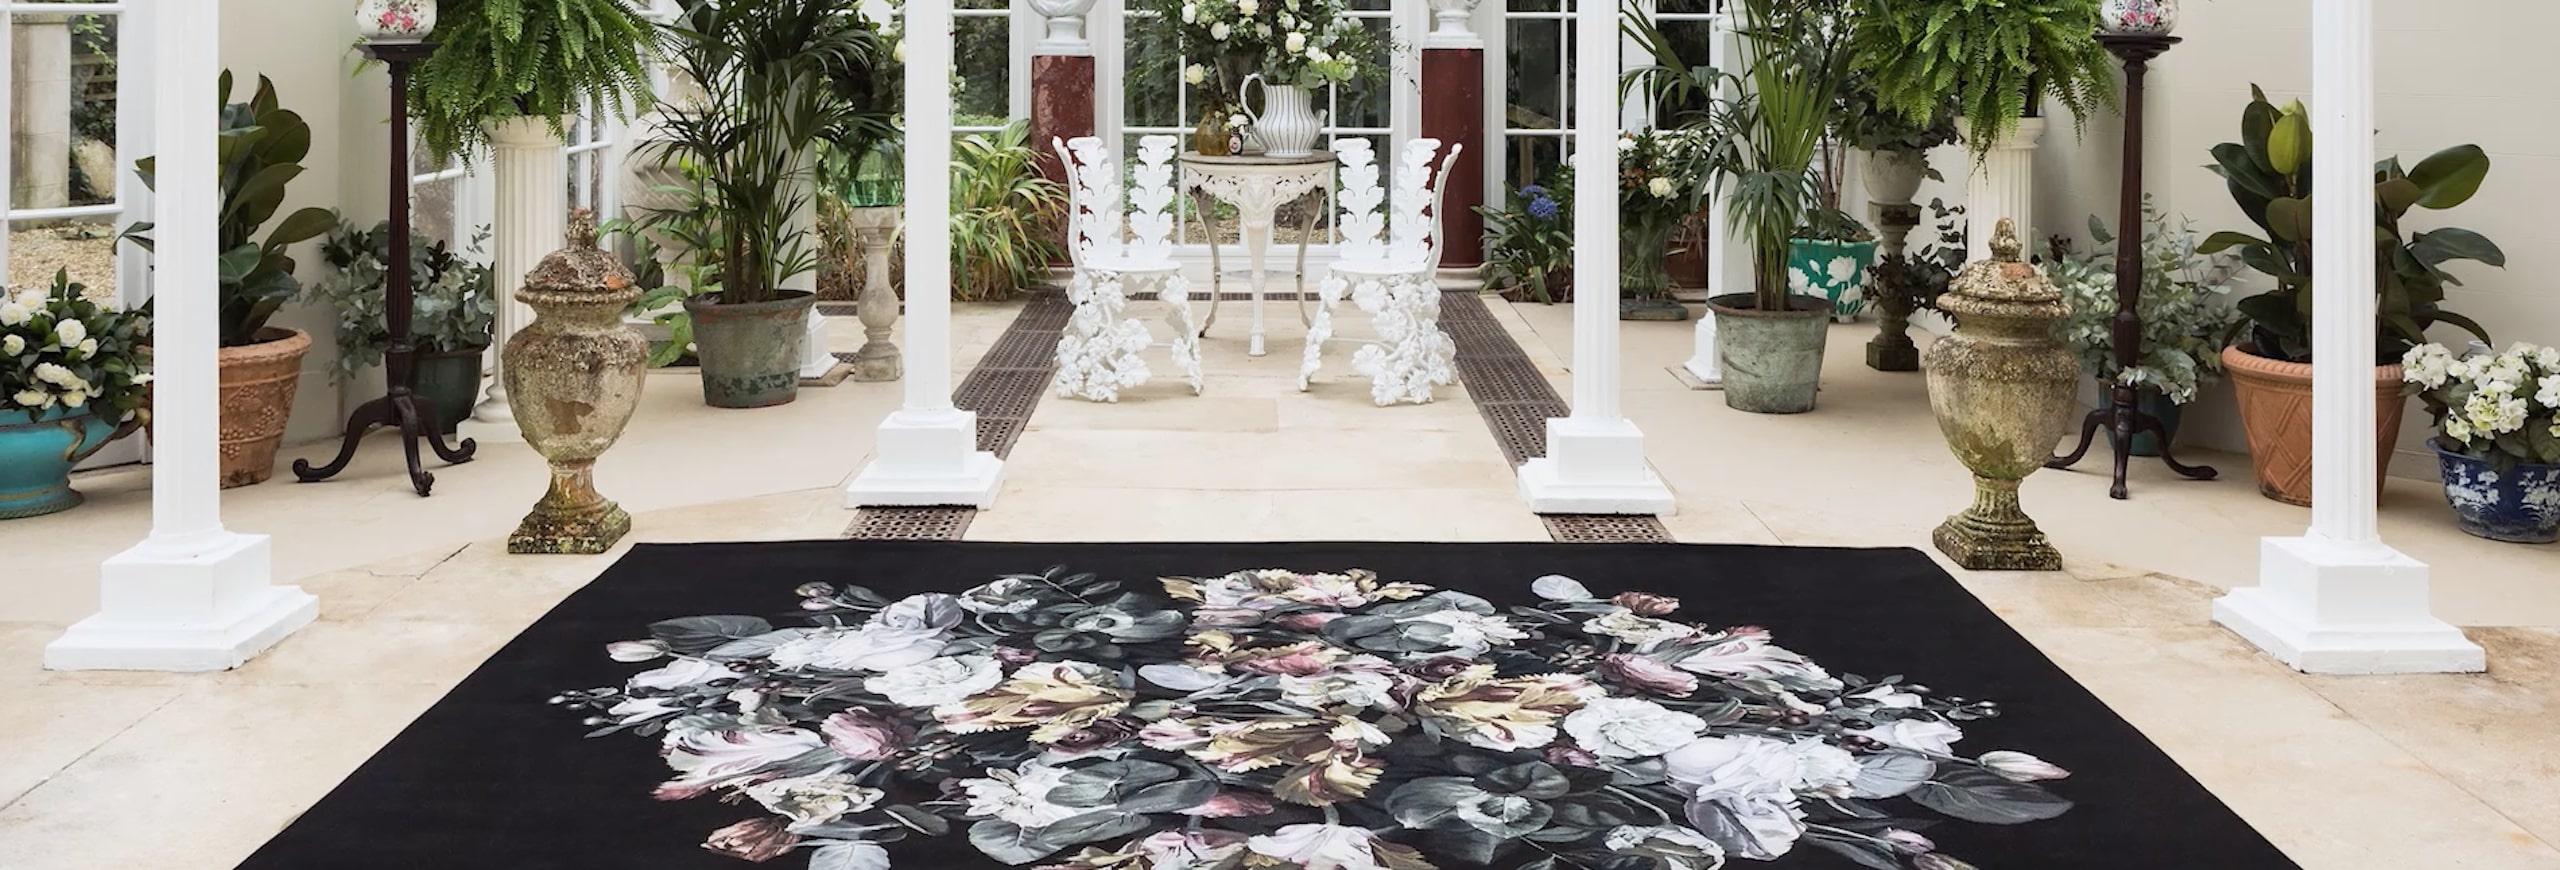 Großer Raum mit vier weißen Säulen, ein schwarzer Teppich mit malerischen Blumenmuster liegt mittendrin, umringt von zahlreichen Topfpflanzen